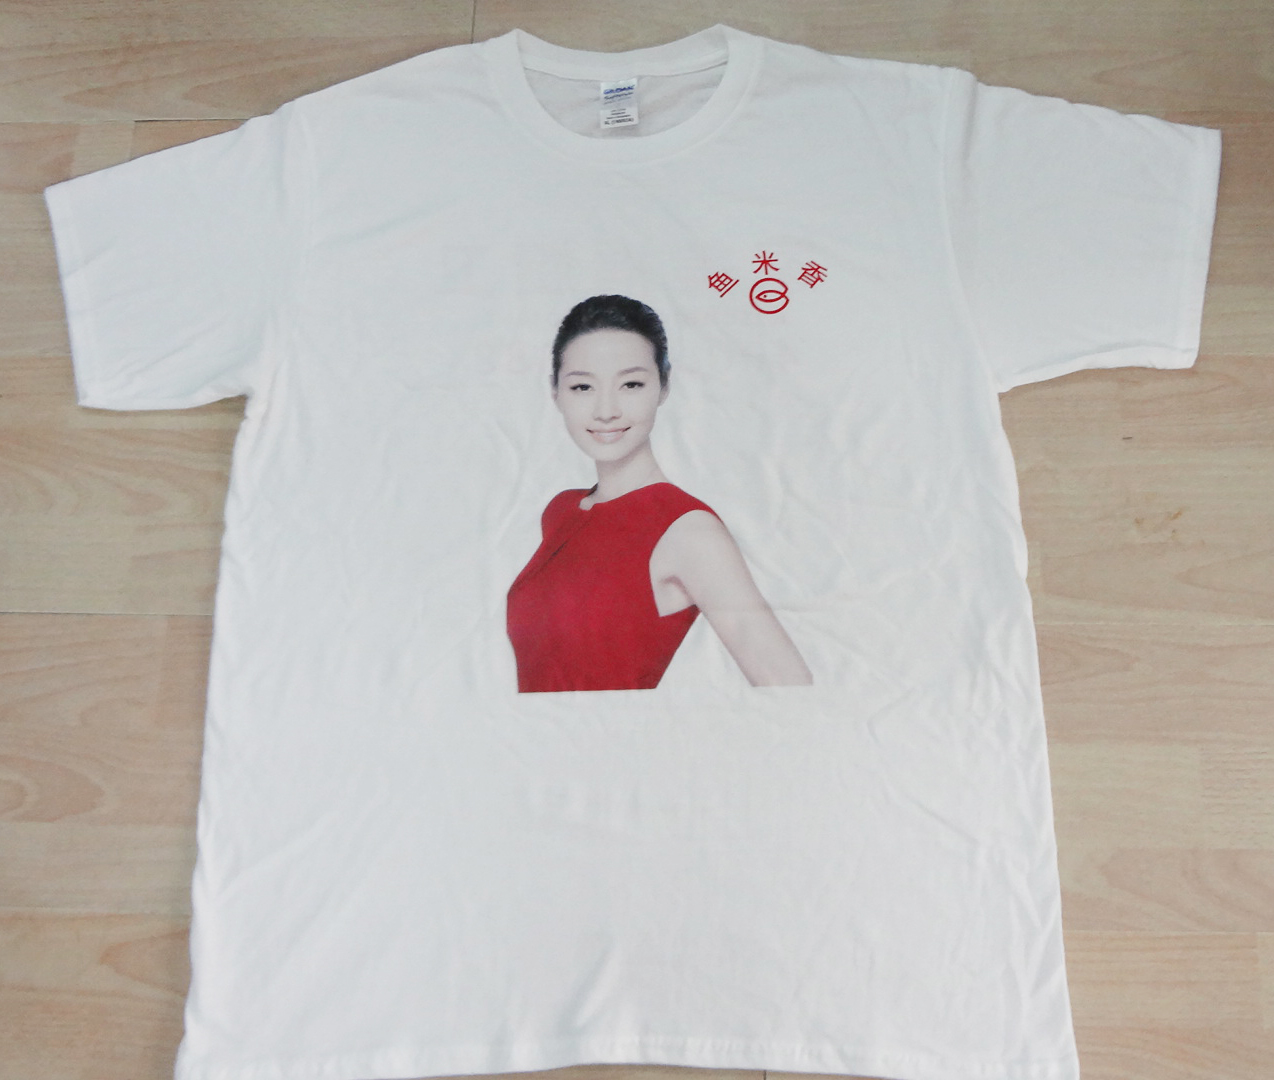 丽裳制衣服装厂薄利多销襄阳广告衫文化衫T恤可印花绣字